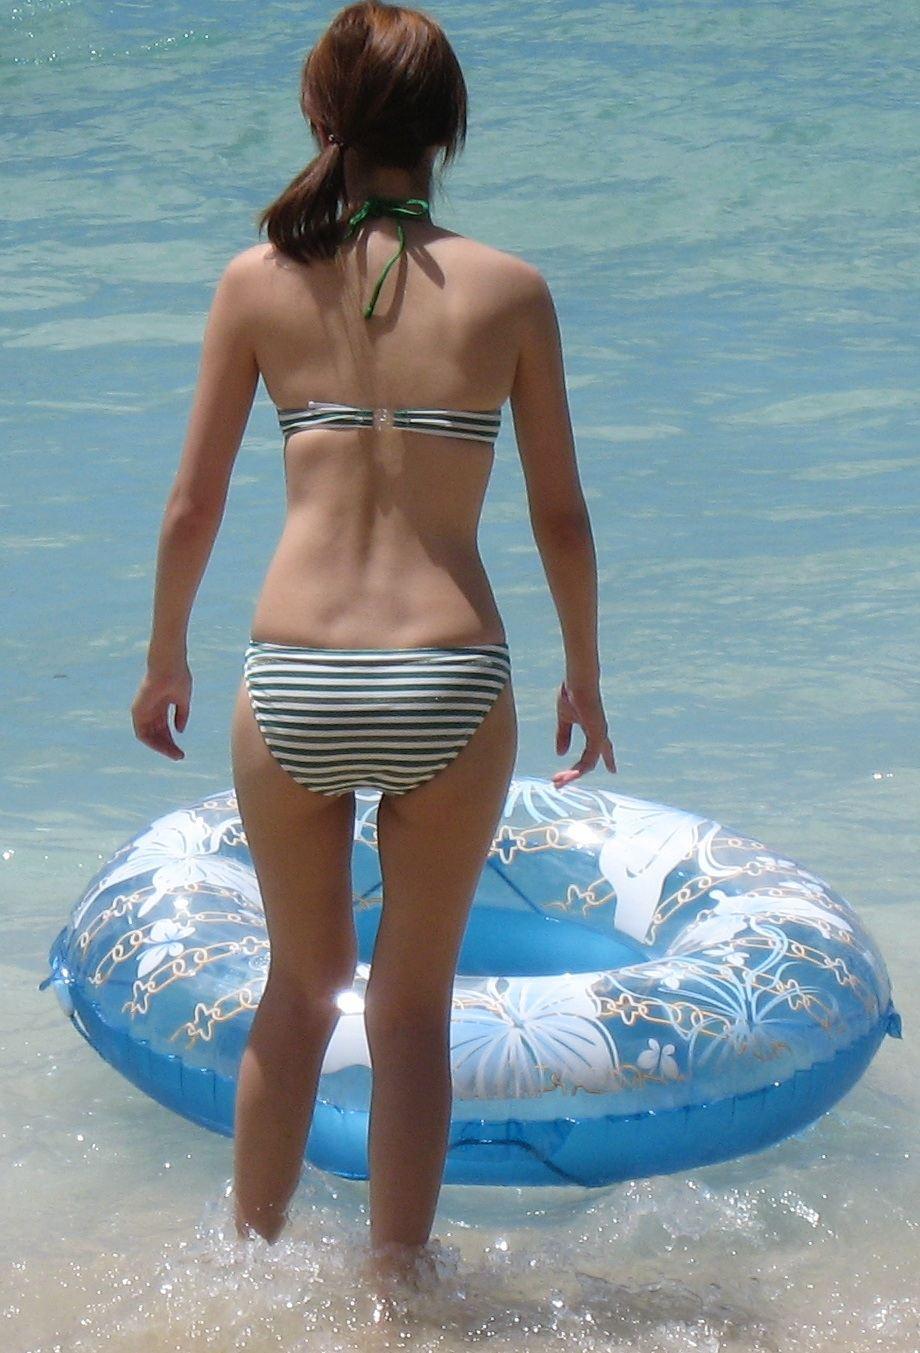 【素人水着エロ画像】立派な安産型が拝み放題でしたwww水着ギャルと海の悶々とする思い出 16